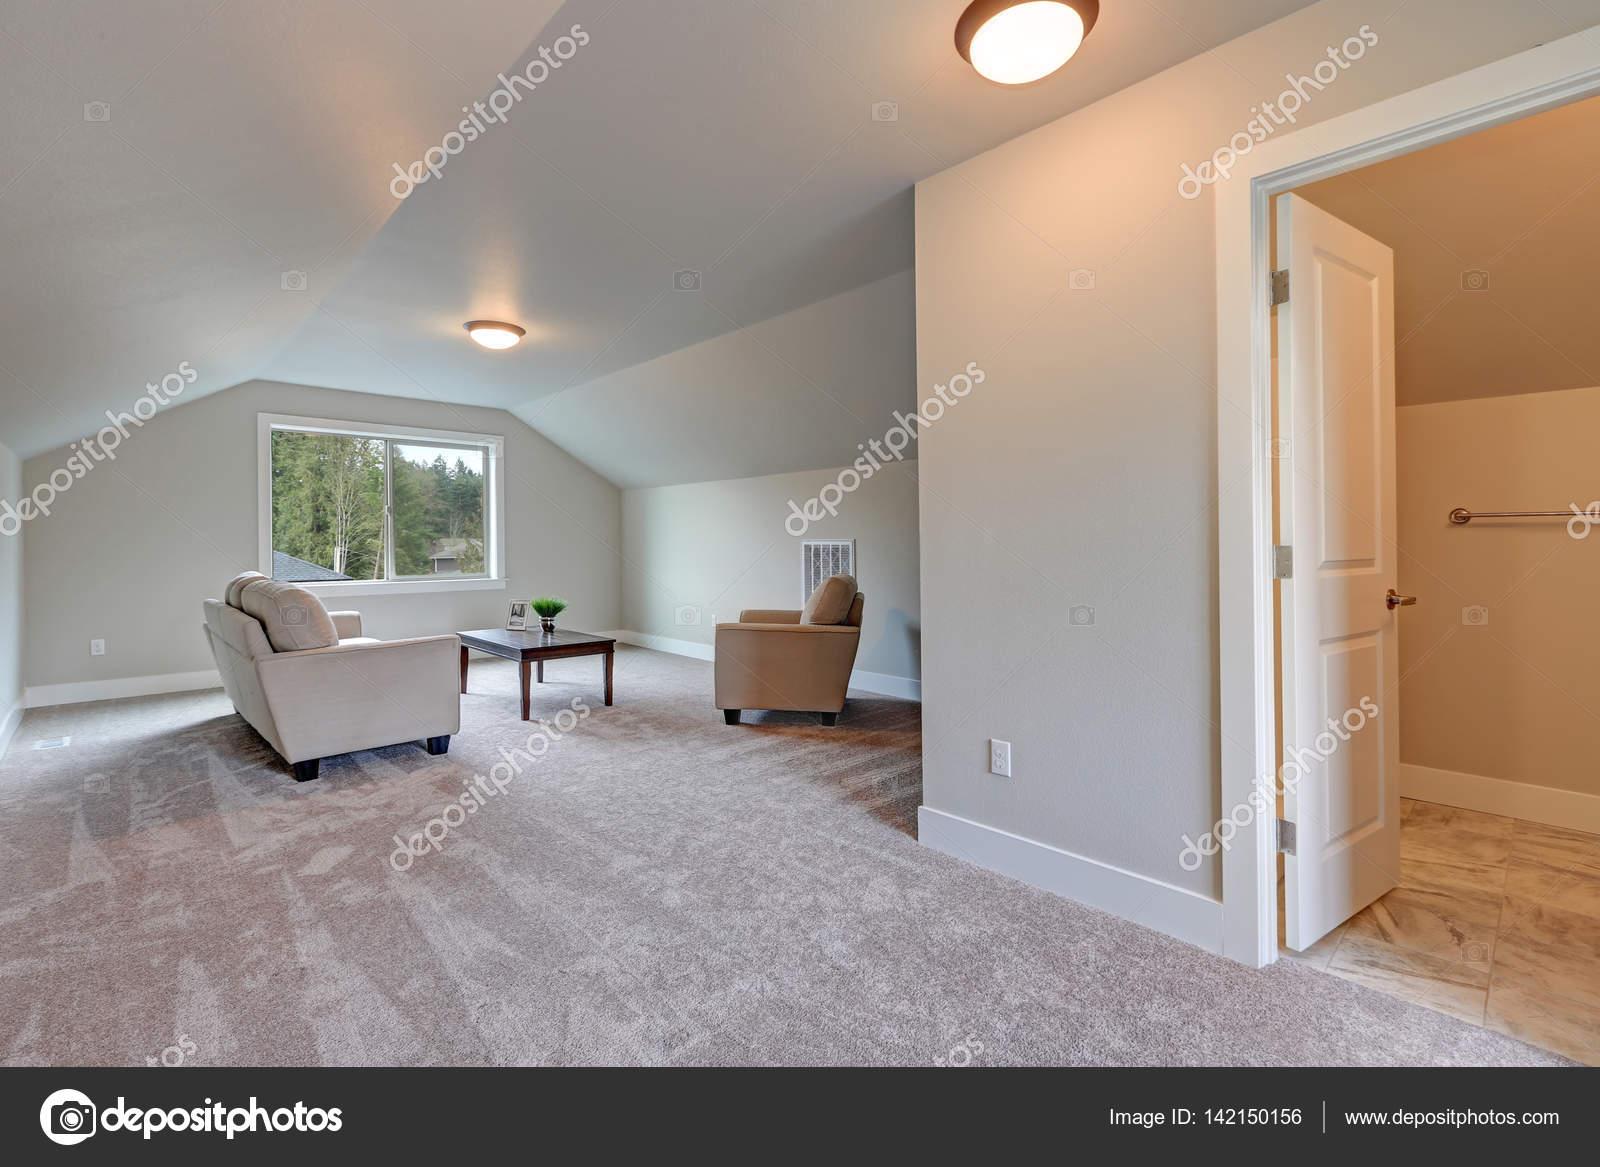 Soffitti A Volta Decorazioni : Interiore della stanza di famiglia soffitto a volta con